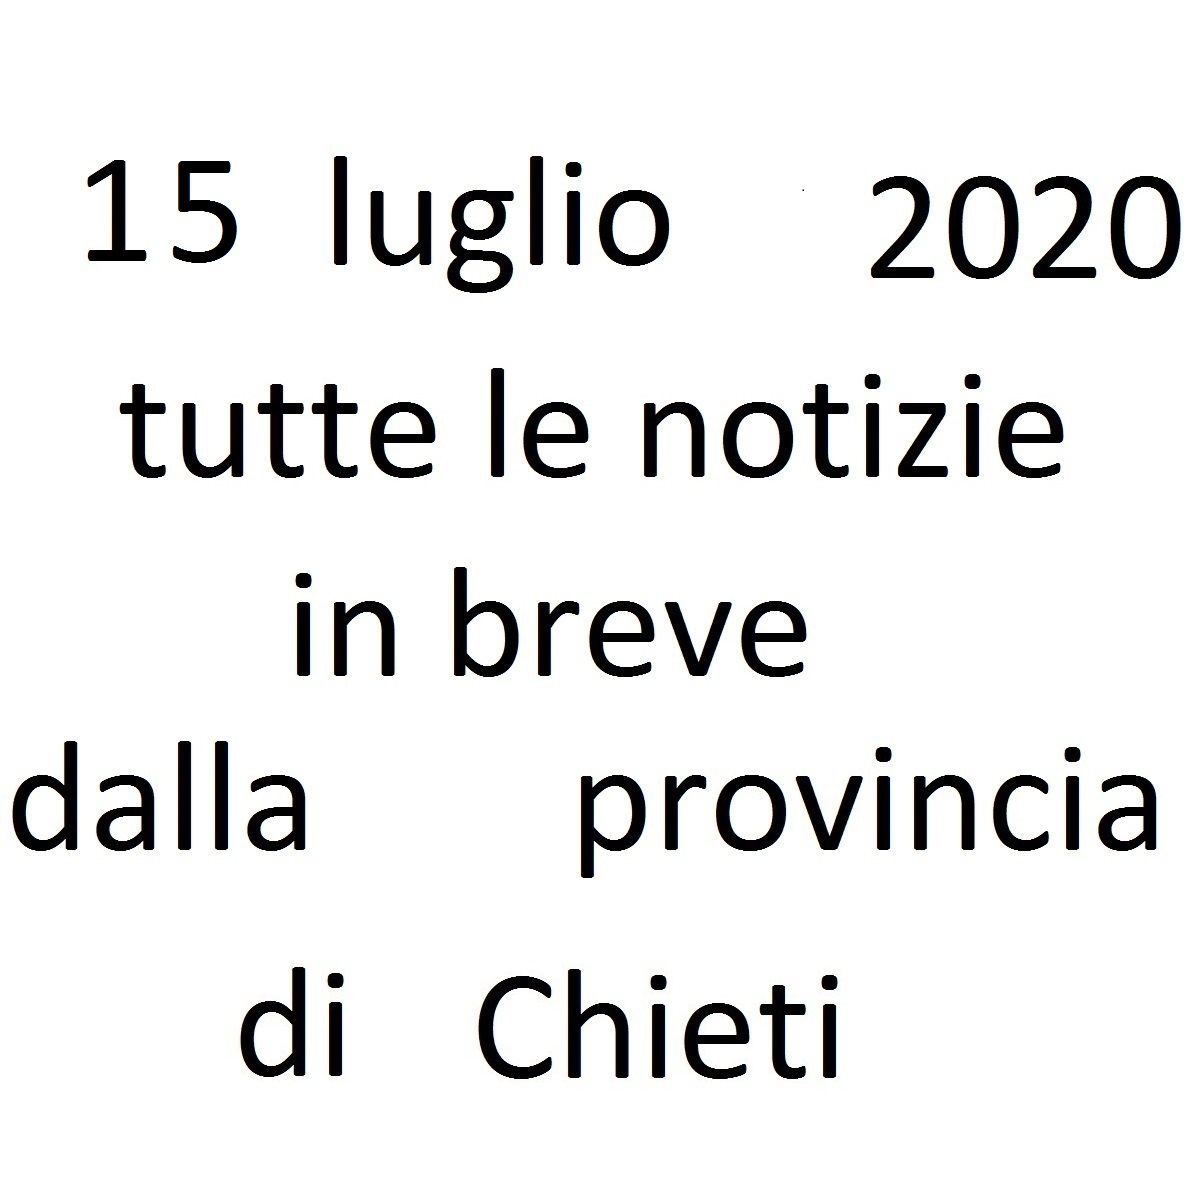 15 luglio 2020 notizie in breve dalla Provincia di Chieti foto